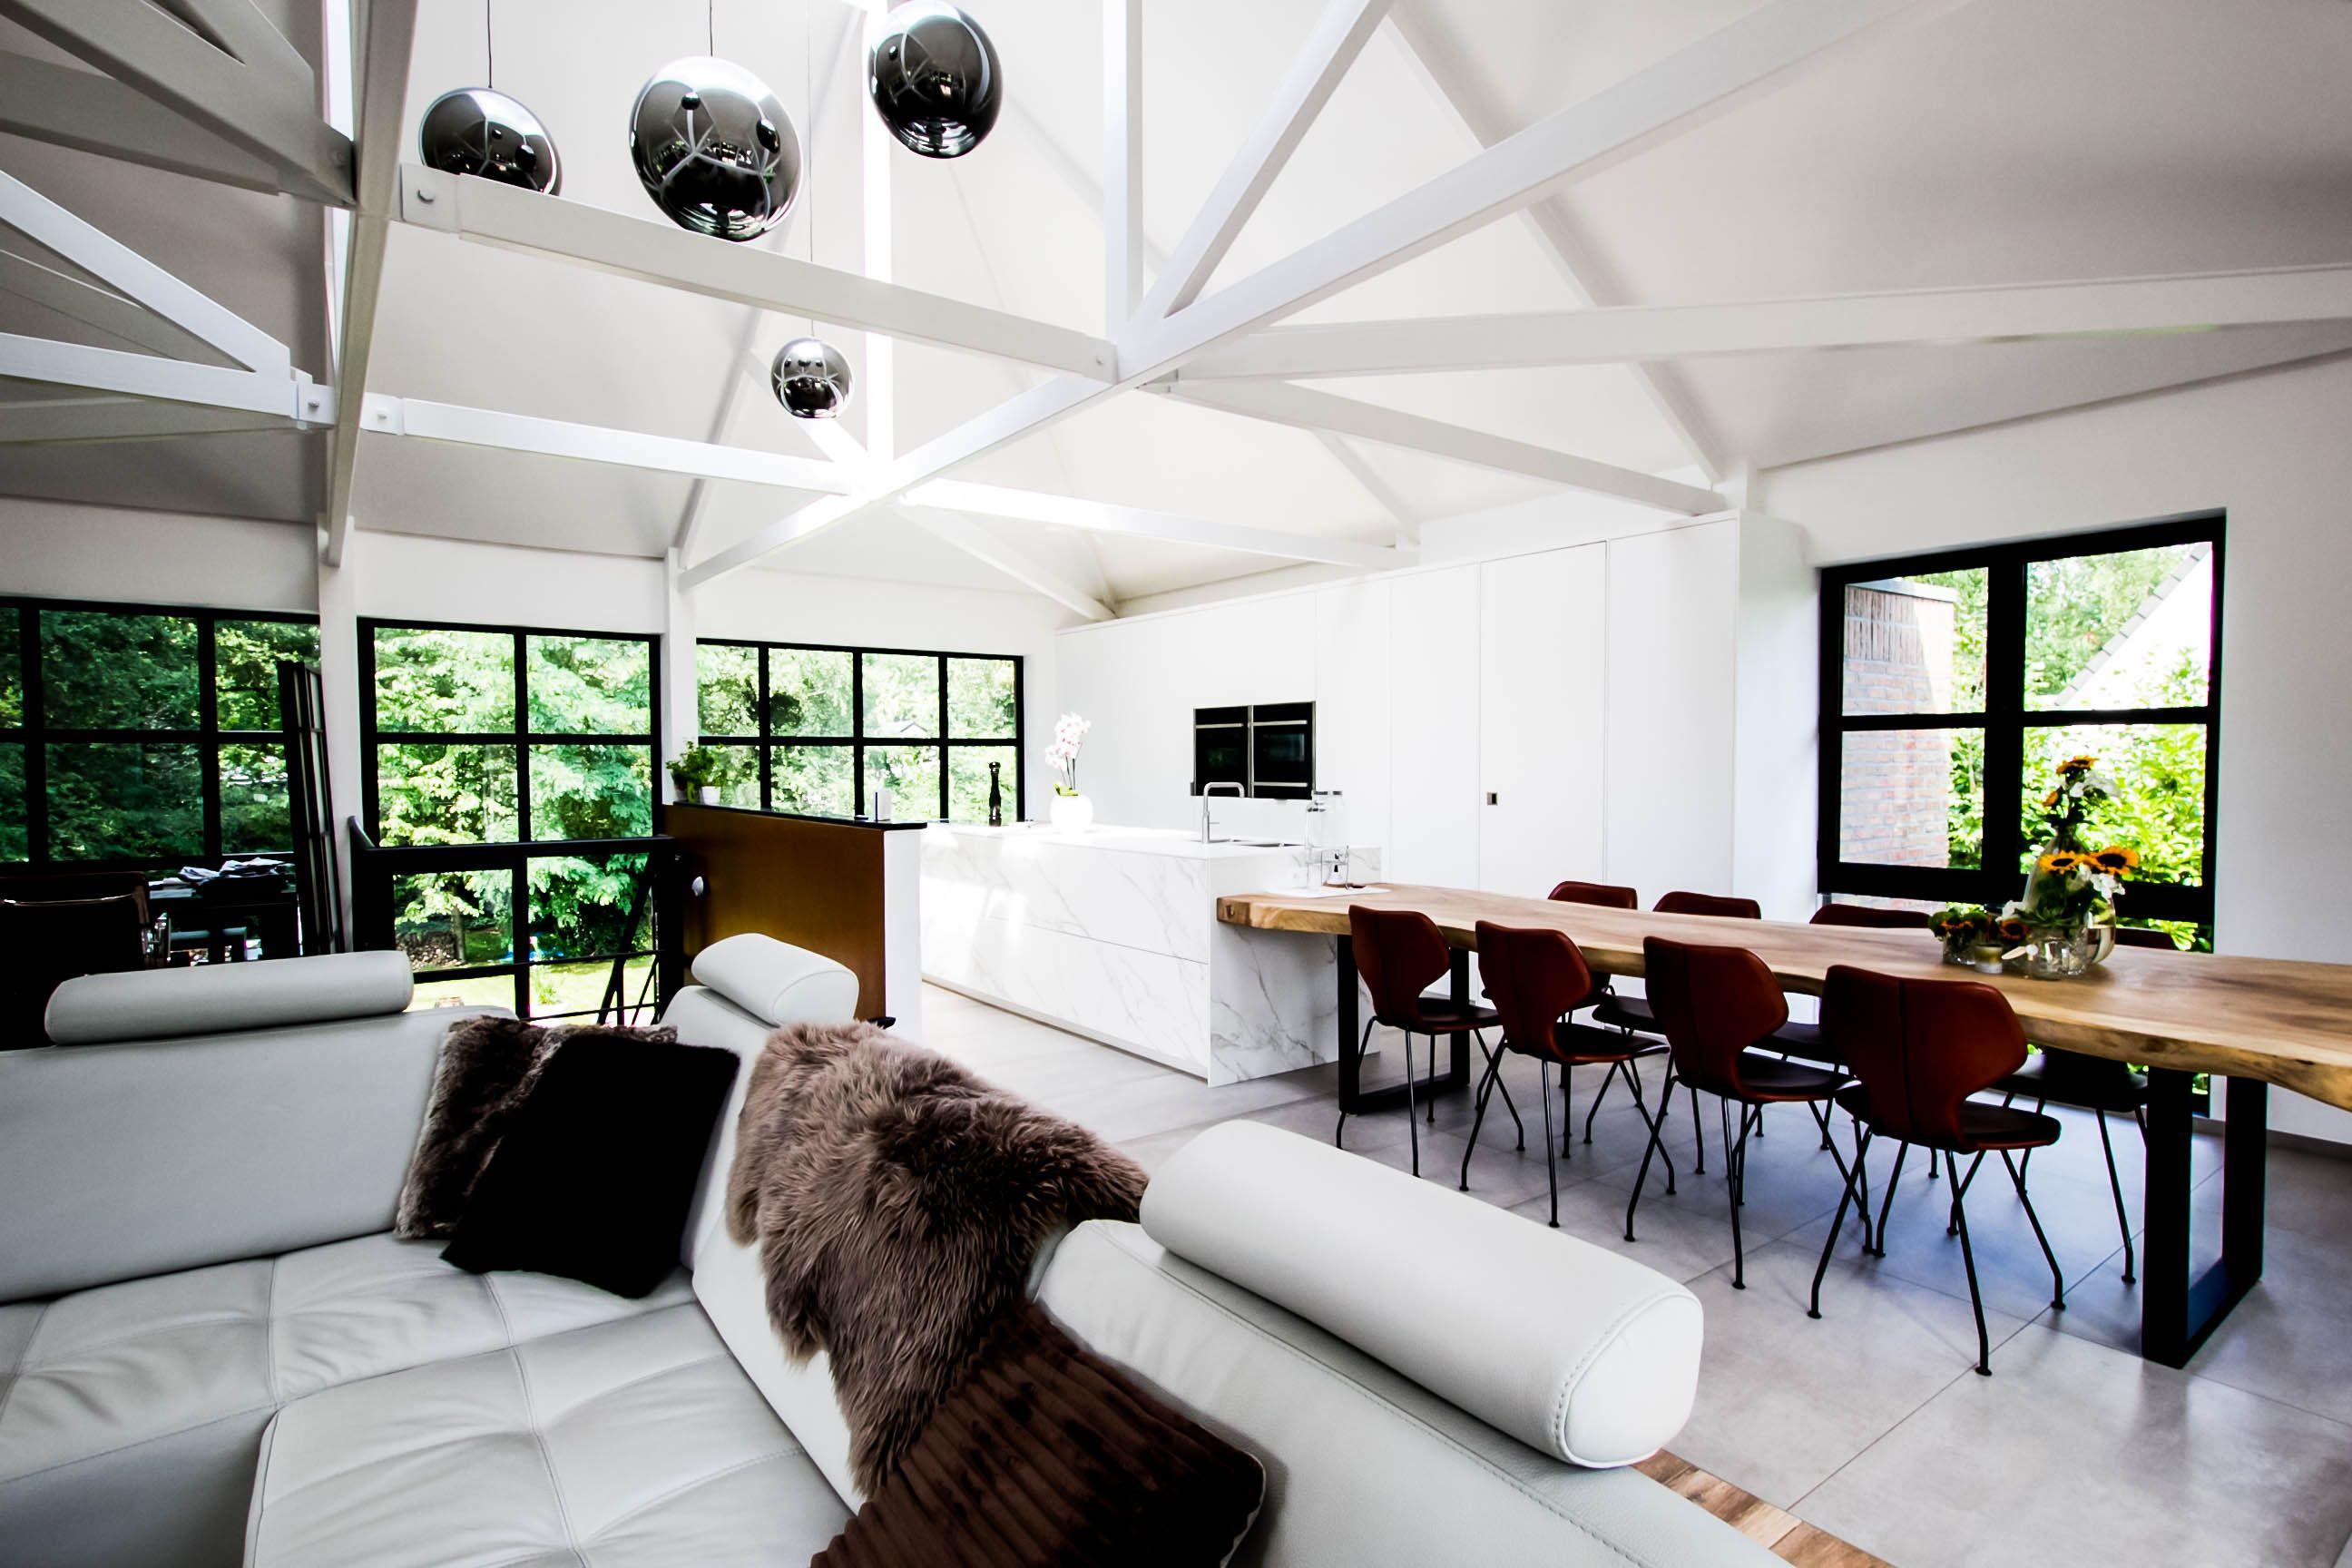 Modern interieur maatwerk inbouwkeuken met kookeiland keuken in